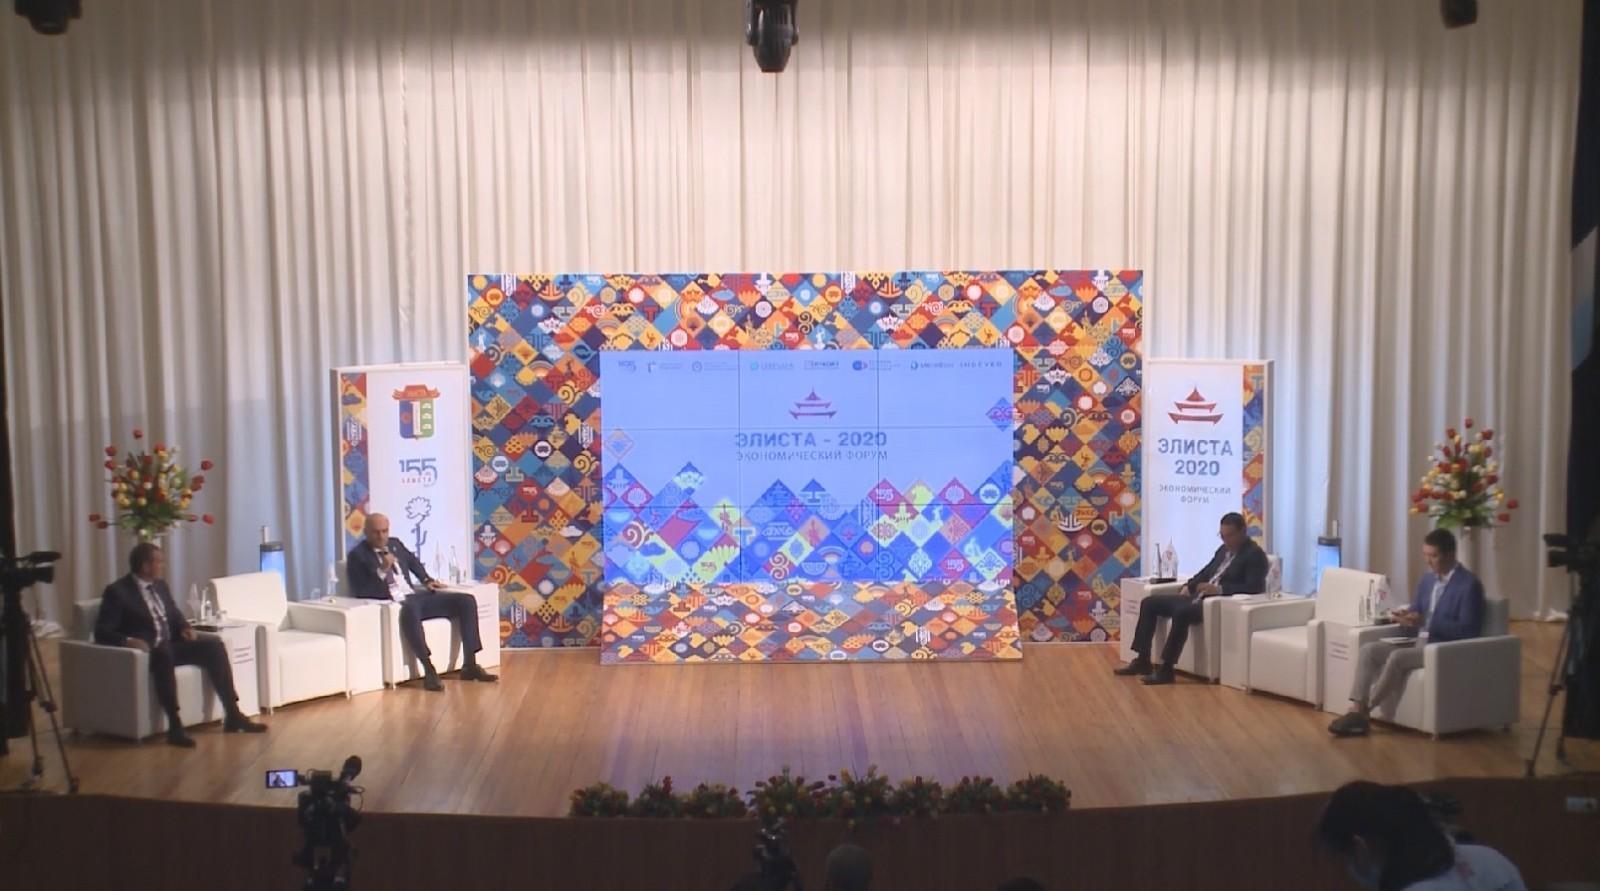 Началась подготовка к проведению II Экономического форума в Калмыкии